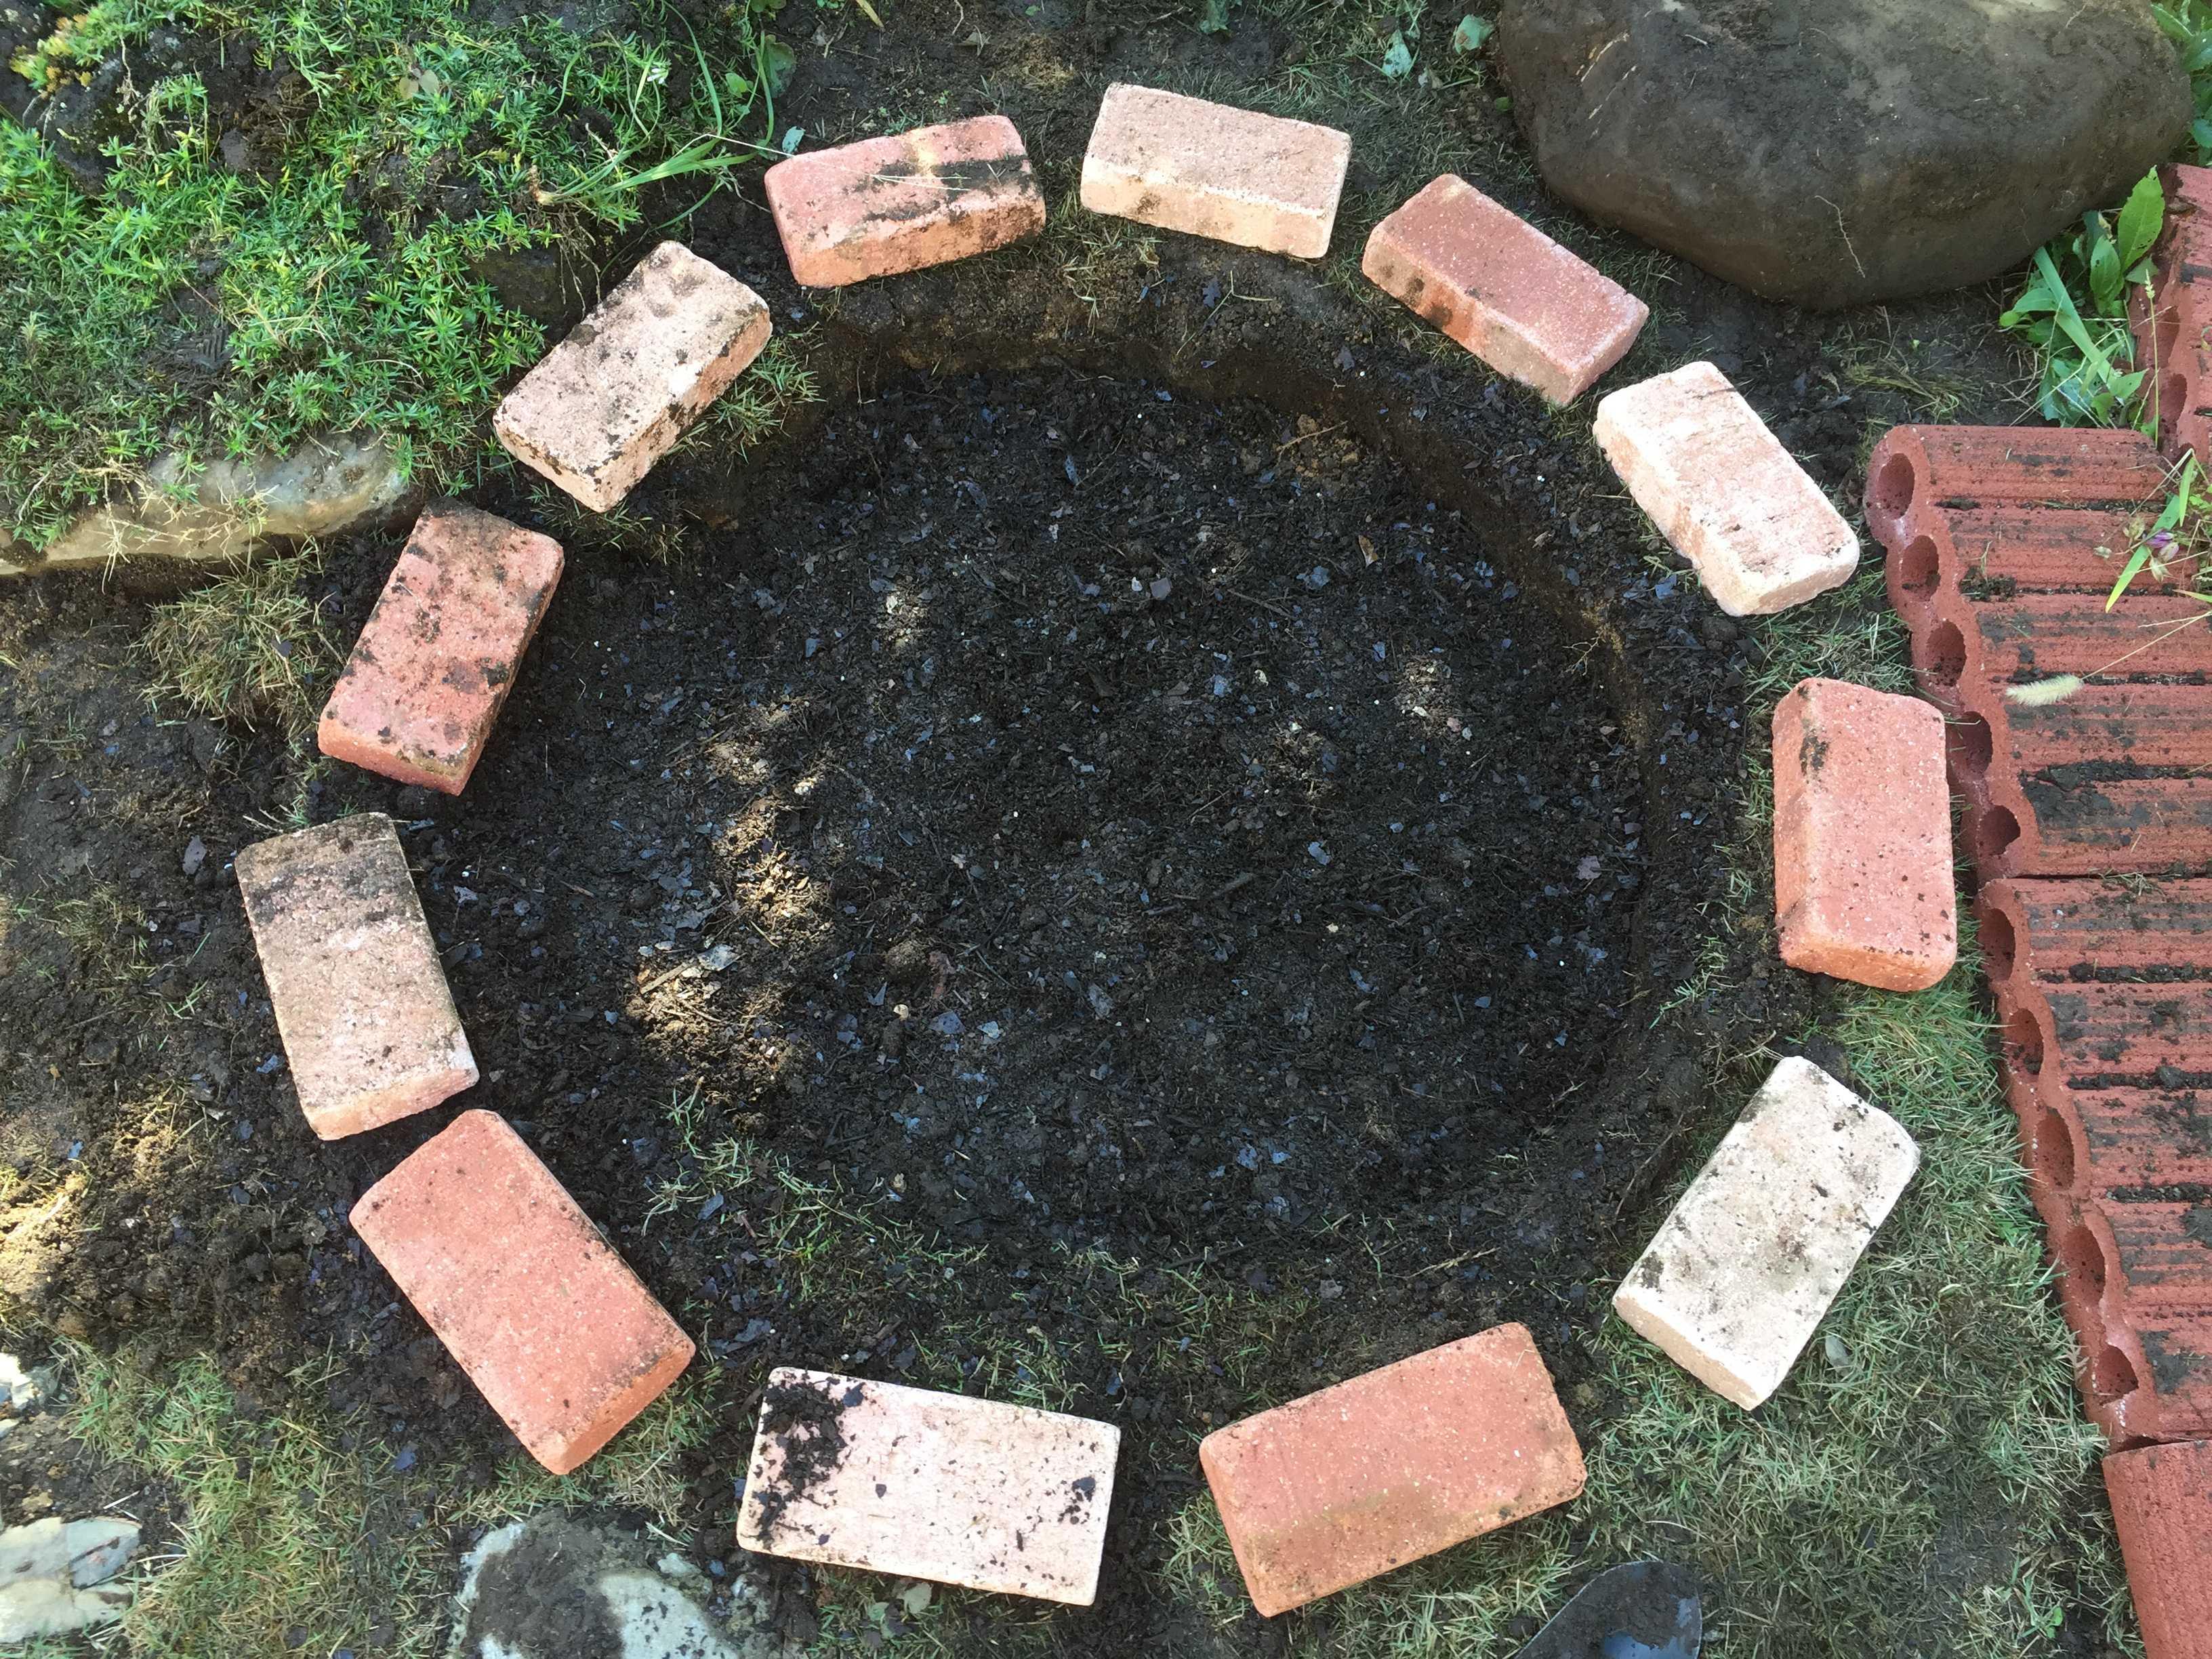 球根の植え穴を用土で埋める - 水仙の球根の植え方